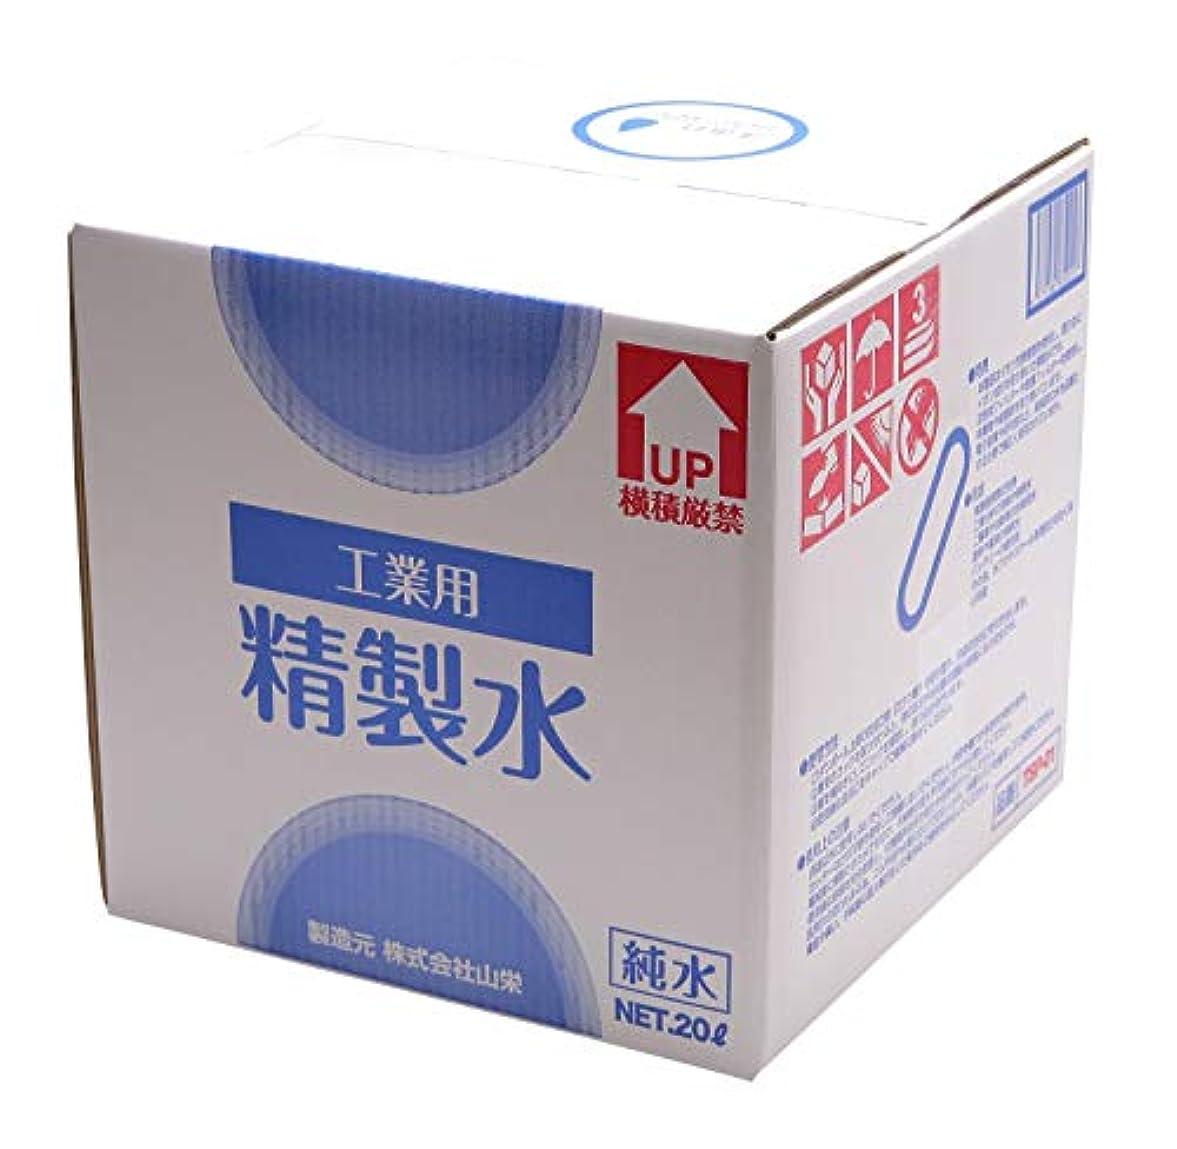 神の北東布サンエイ化学 工業用精製水 純水 20L×1箱 コック付き 【スチーマー 加湿器 オートクレーブ エステ 美容 歯科】